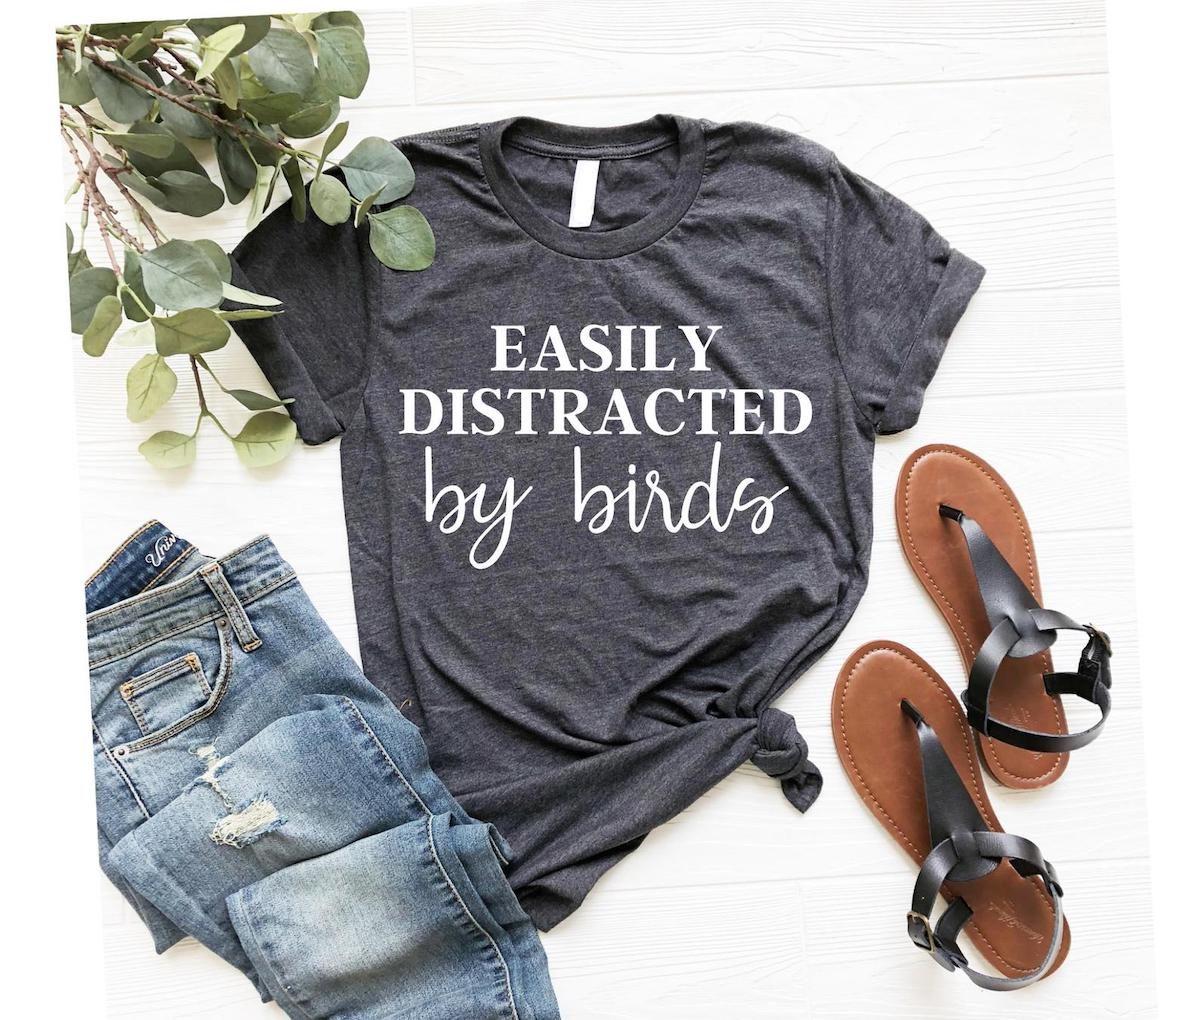 birding tshirt